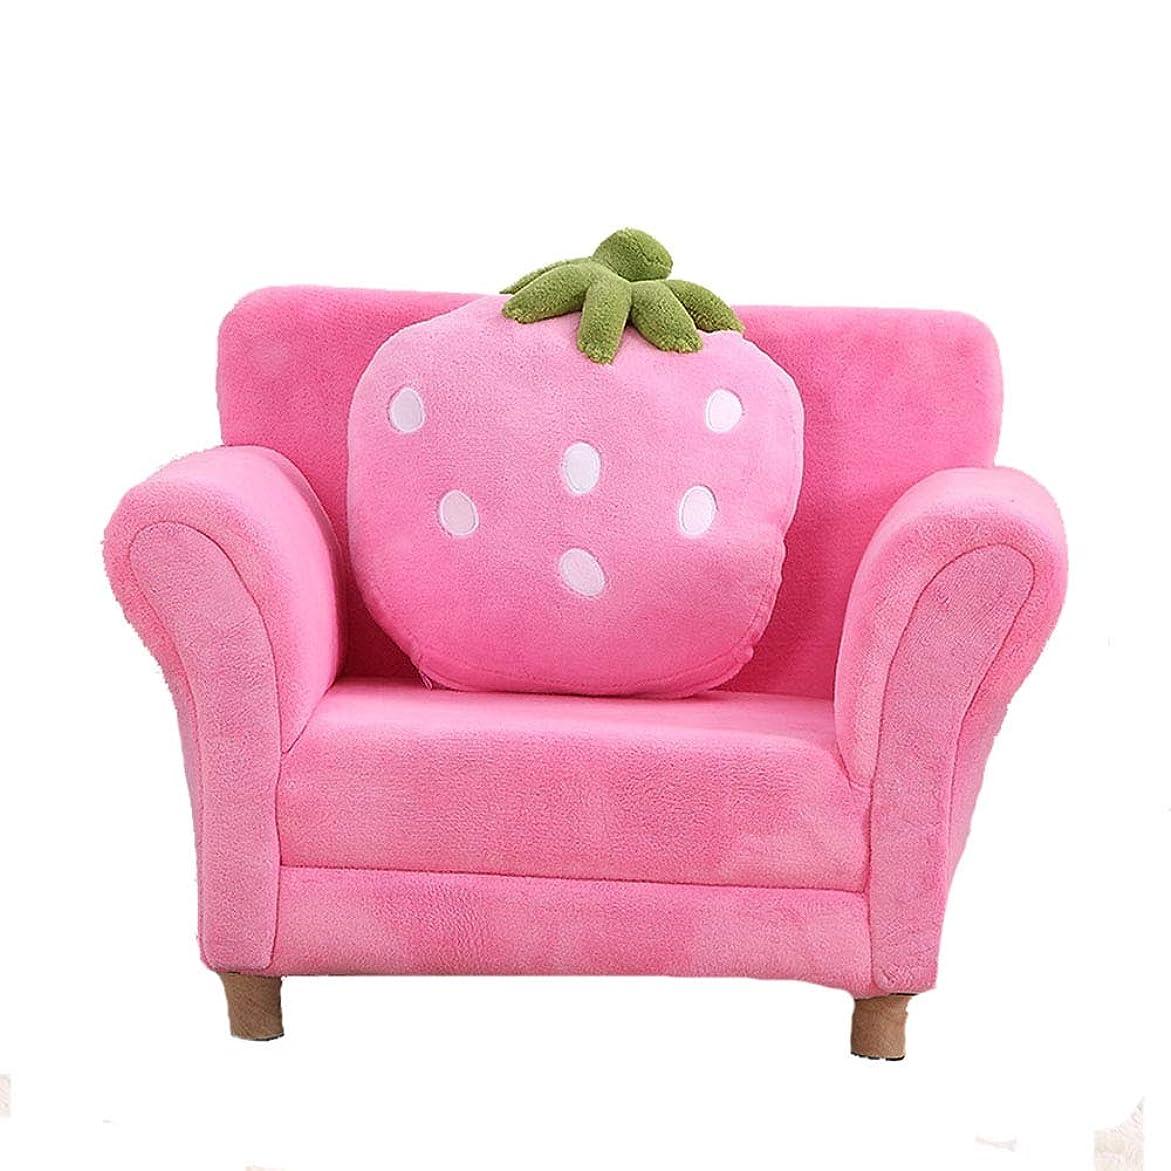 反逆者可決代表団怠惰なソファ子供ソファアームレストチェア、布張りのリビングルームの家具、1つのイチゴのラウンジベッド 最高のすわり心地 (色 : ピンク)